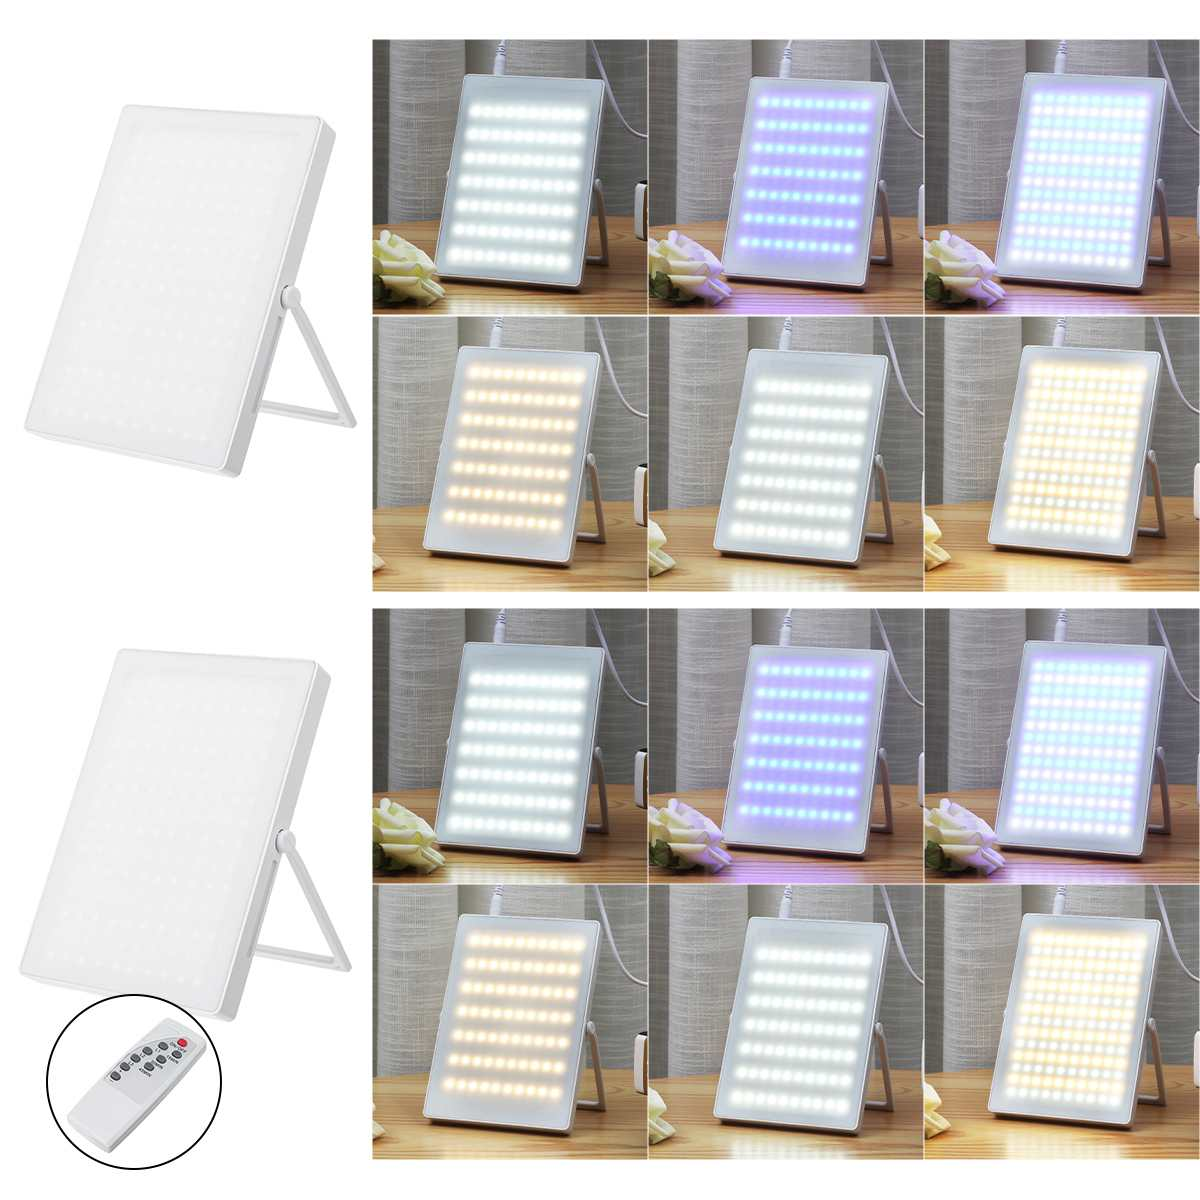 5V SAD светодиодный светильник с пультом дистанционного управления SAD светодиодный светильник Happy лампа для фототерапии сезонная аффективная...